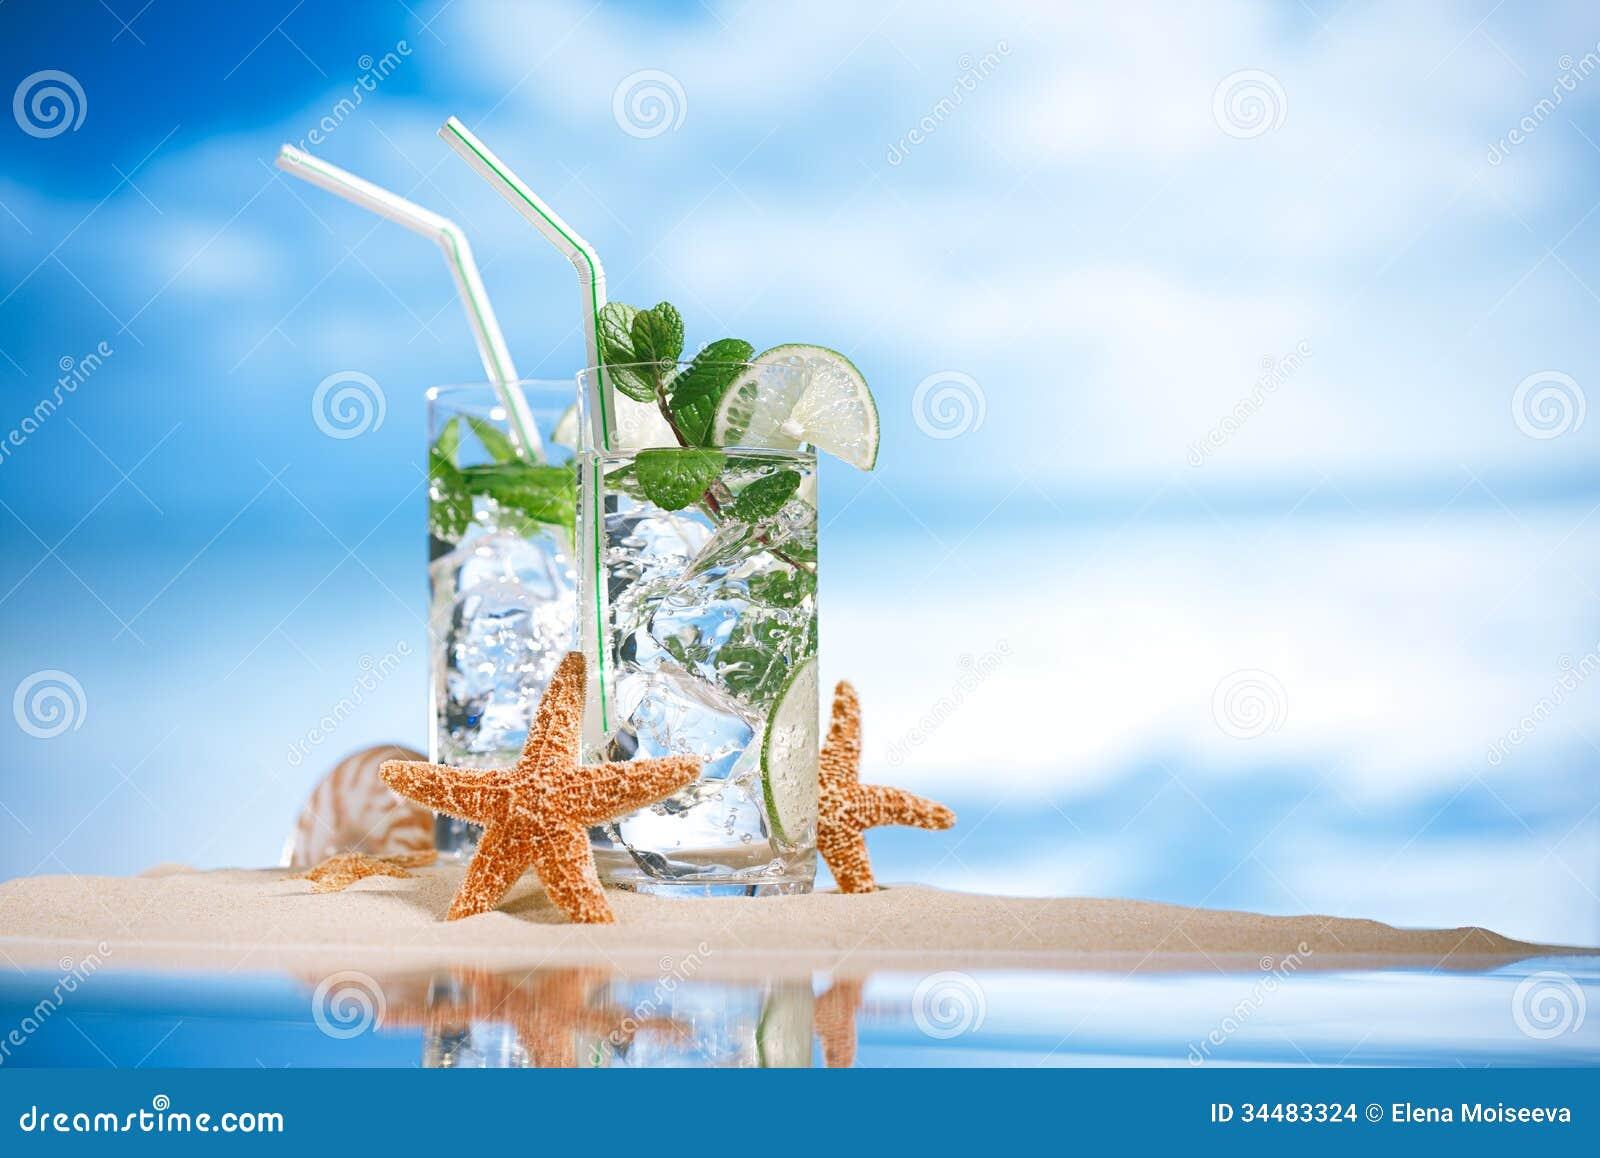 Cocktail di mojito sulla sabbia della spiaggia e sulla for Disegni moderni della casa sulla spiaggia